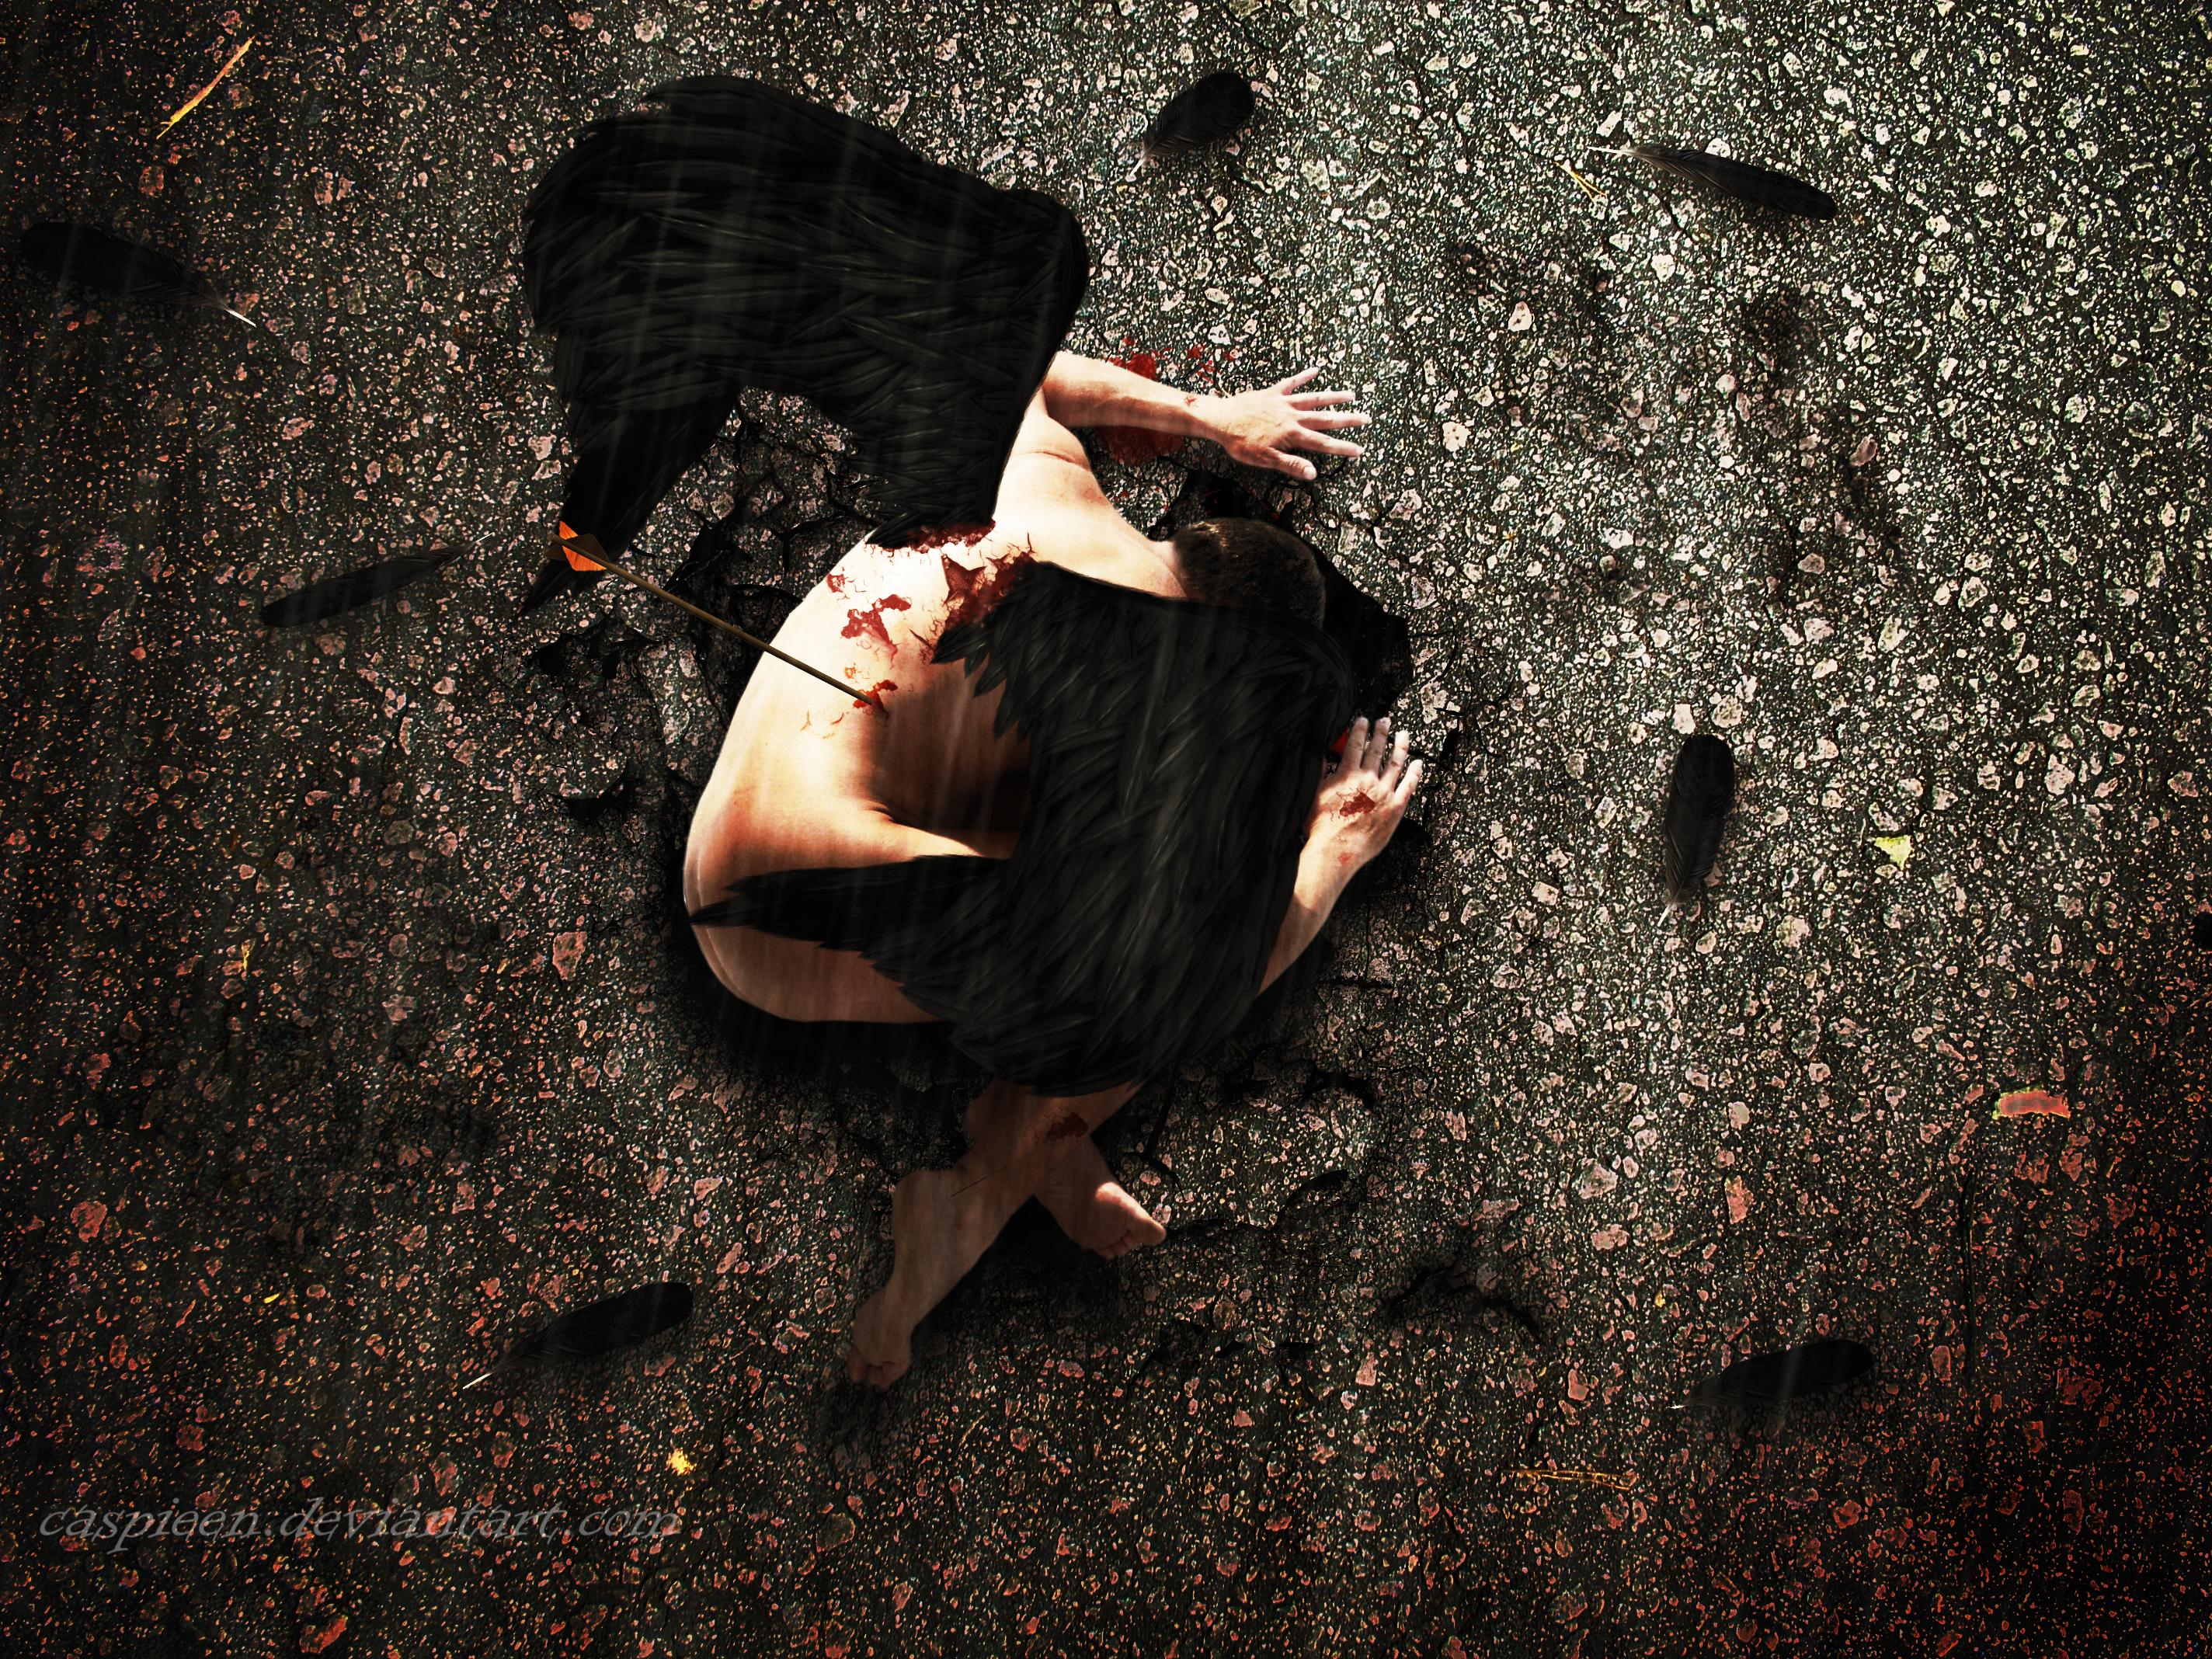 Fallen Angel vol.2 by Caspieen